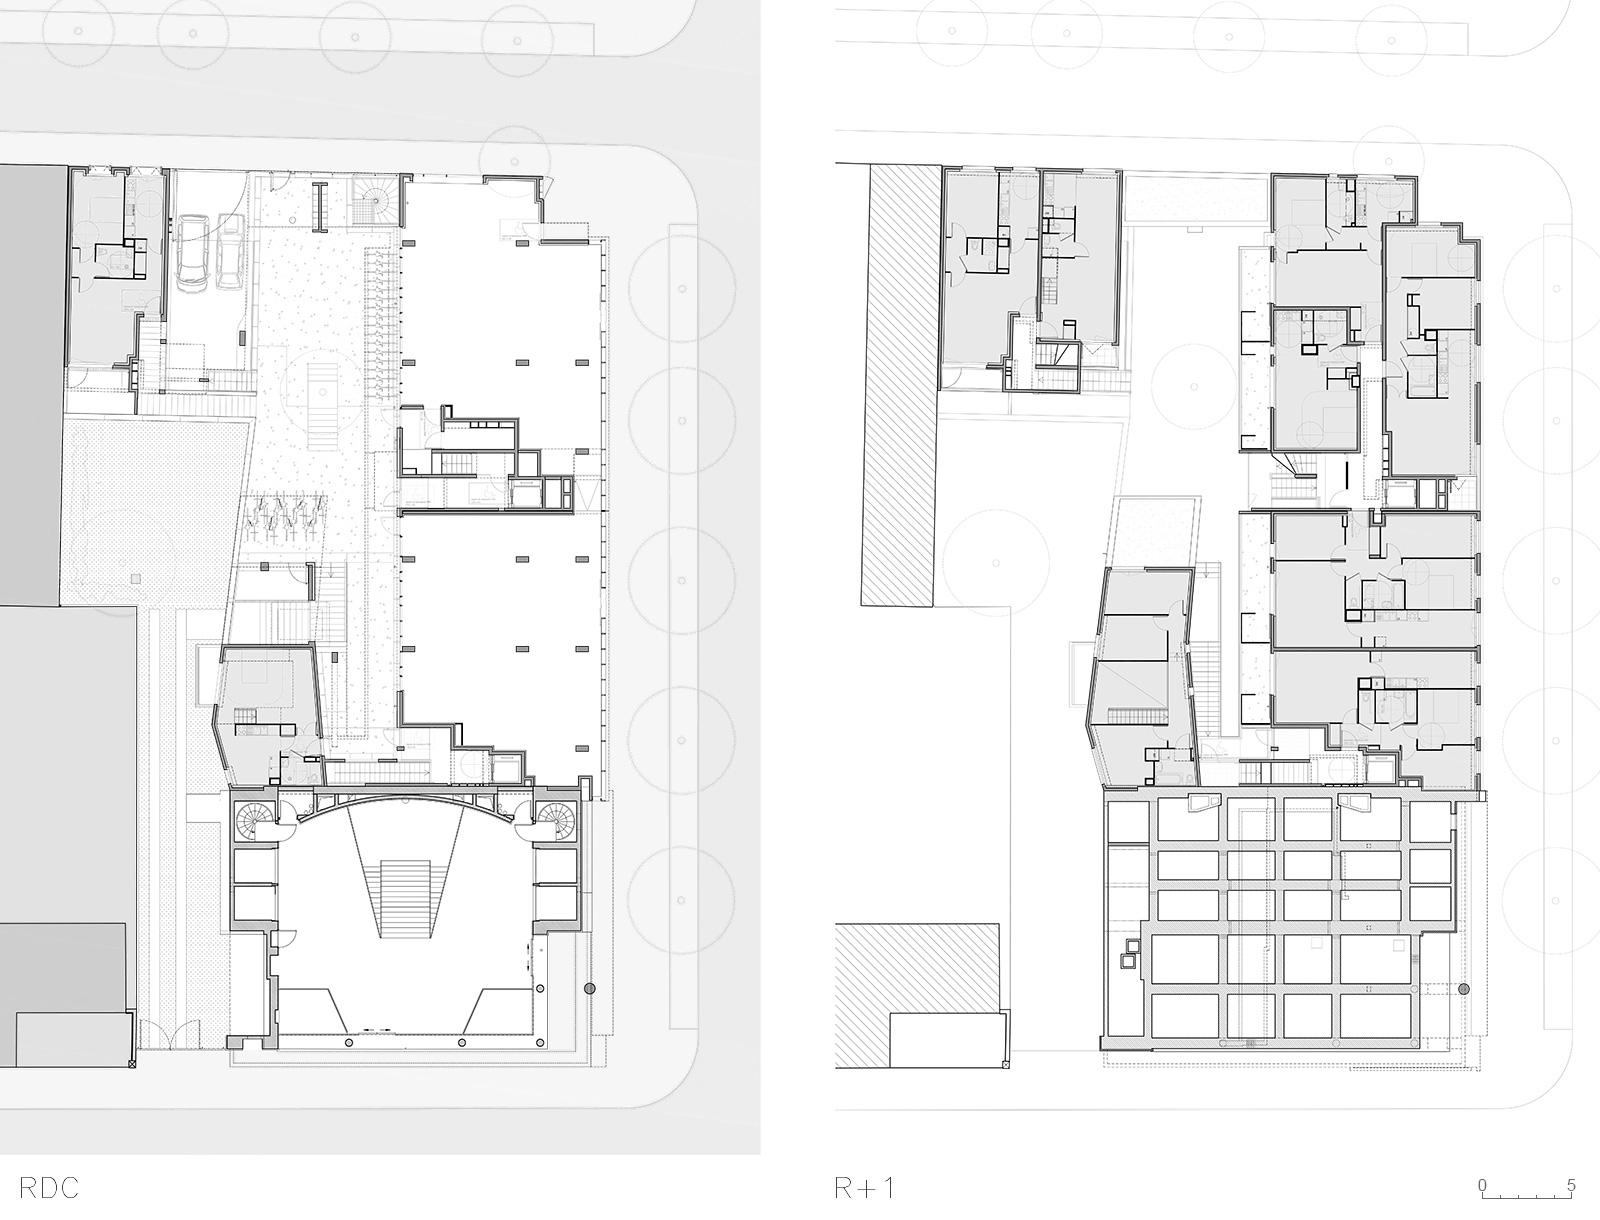 03-germe-et-jam-RJC-rennes-immeuble-cartier-plan-RDC-R+1